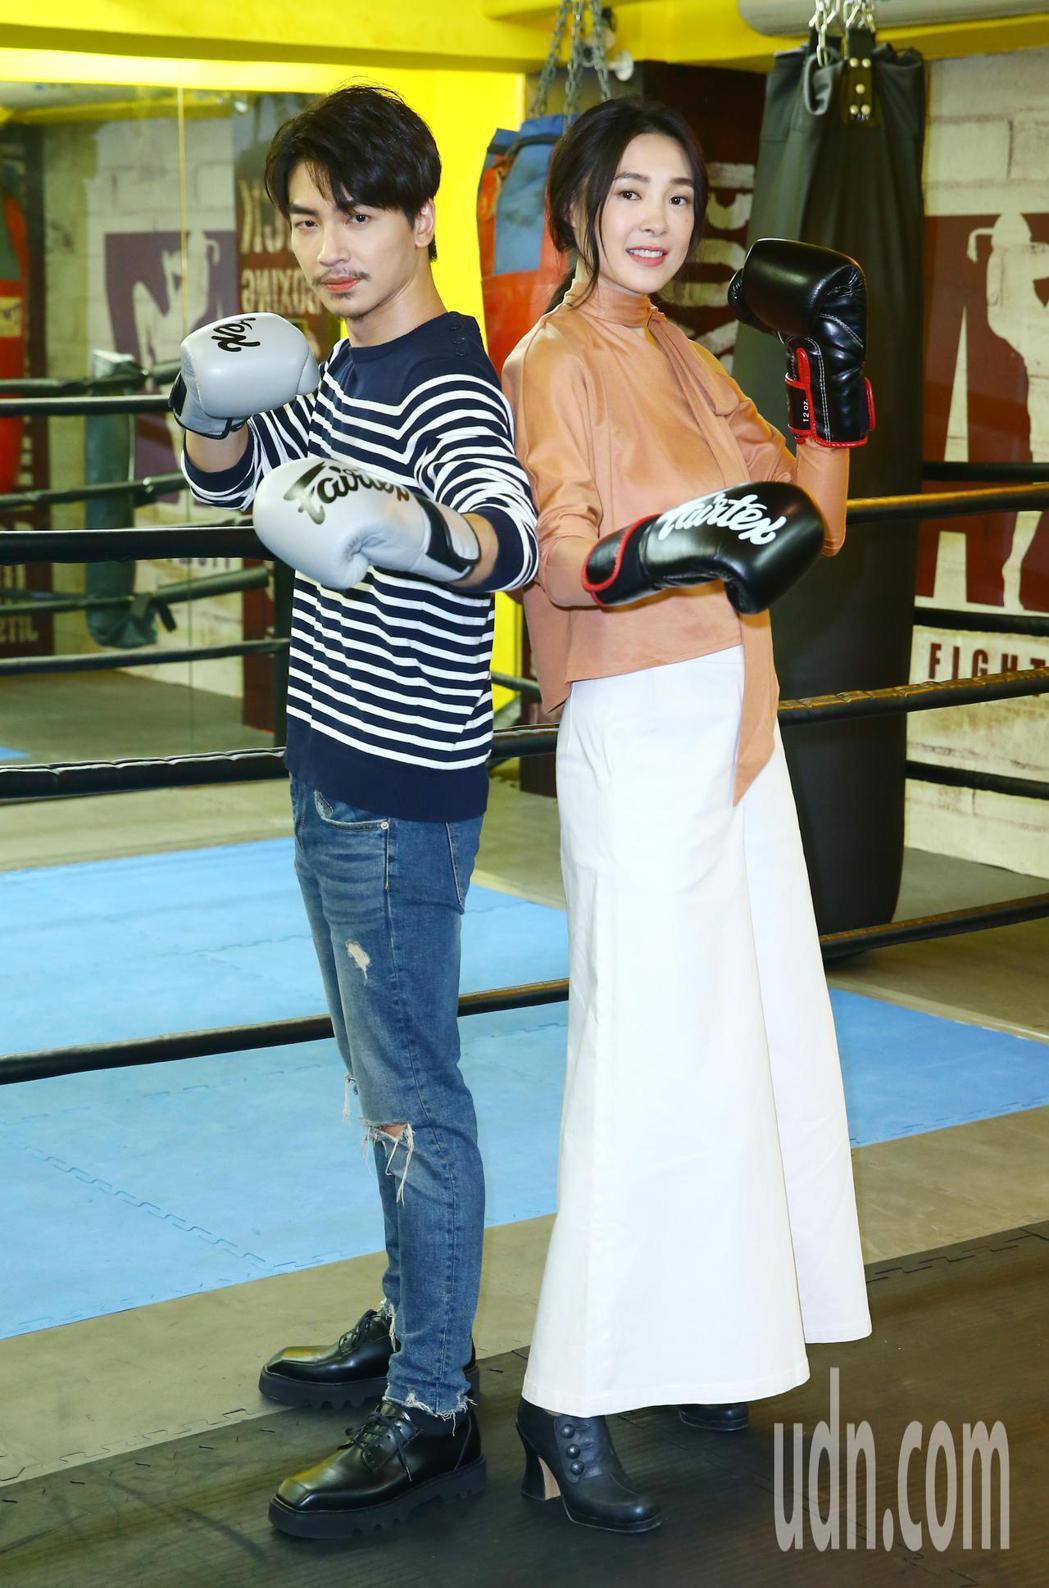 曾珮瑜(右)張洛偍出席「討債女王」開鏡記者會。記者杜建重/攝影